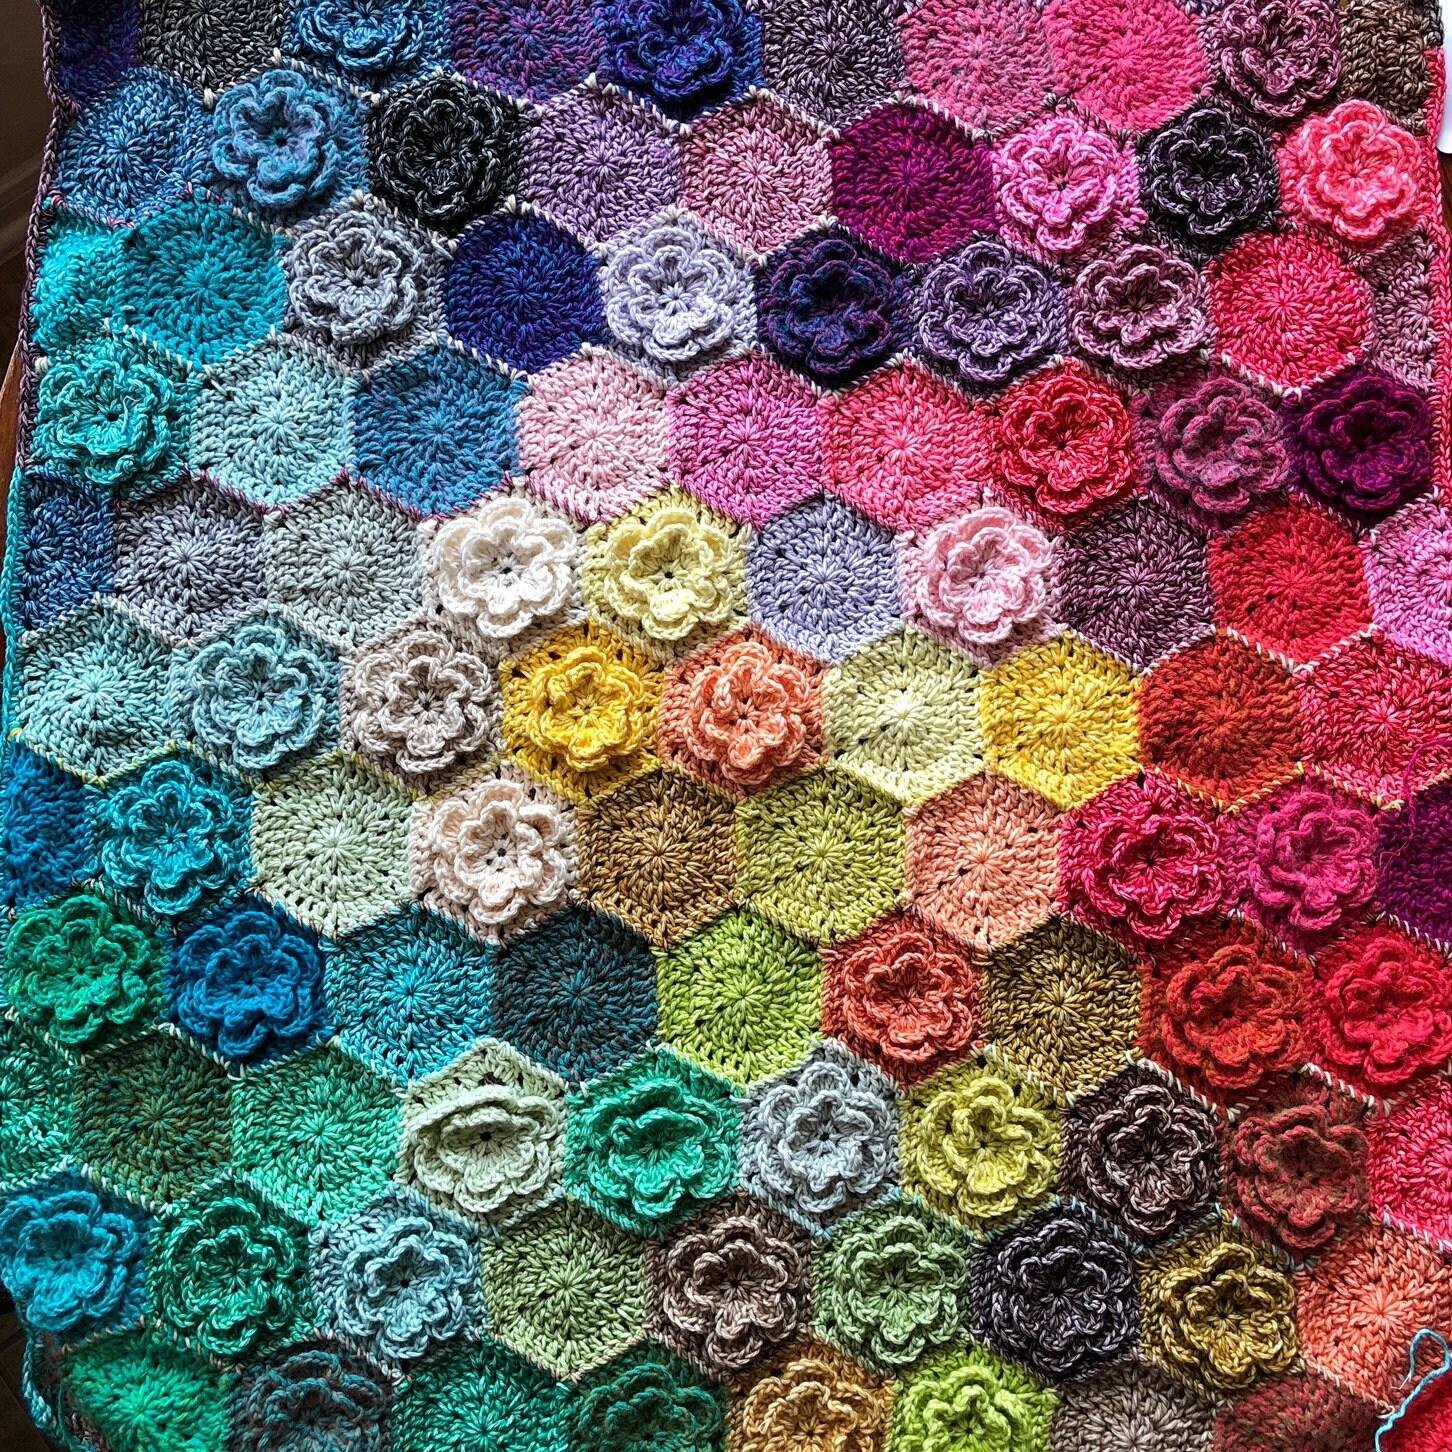 Crochet Baby Afghancrochet Blanket Afghan Patternpopular Crochet